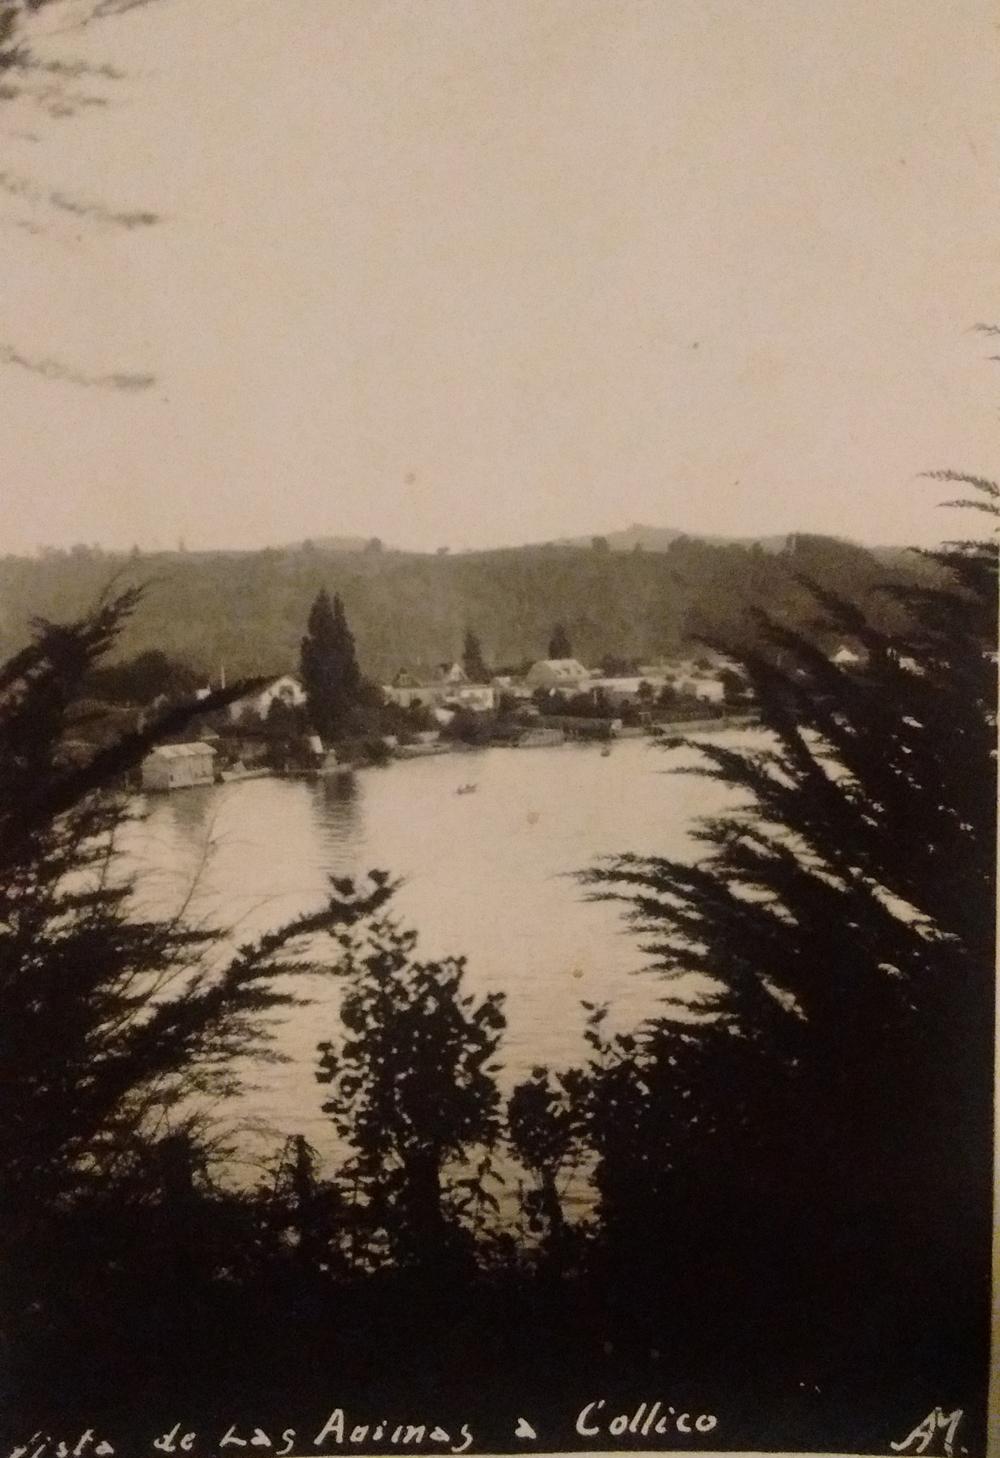 Enterreno - Fotos históricas de chile - fotos antiguas de Chile - Collico, Valdivia en 1945